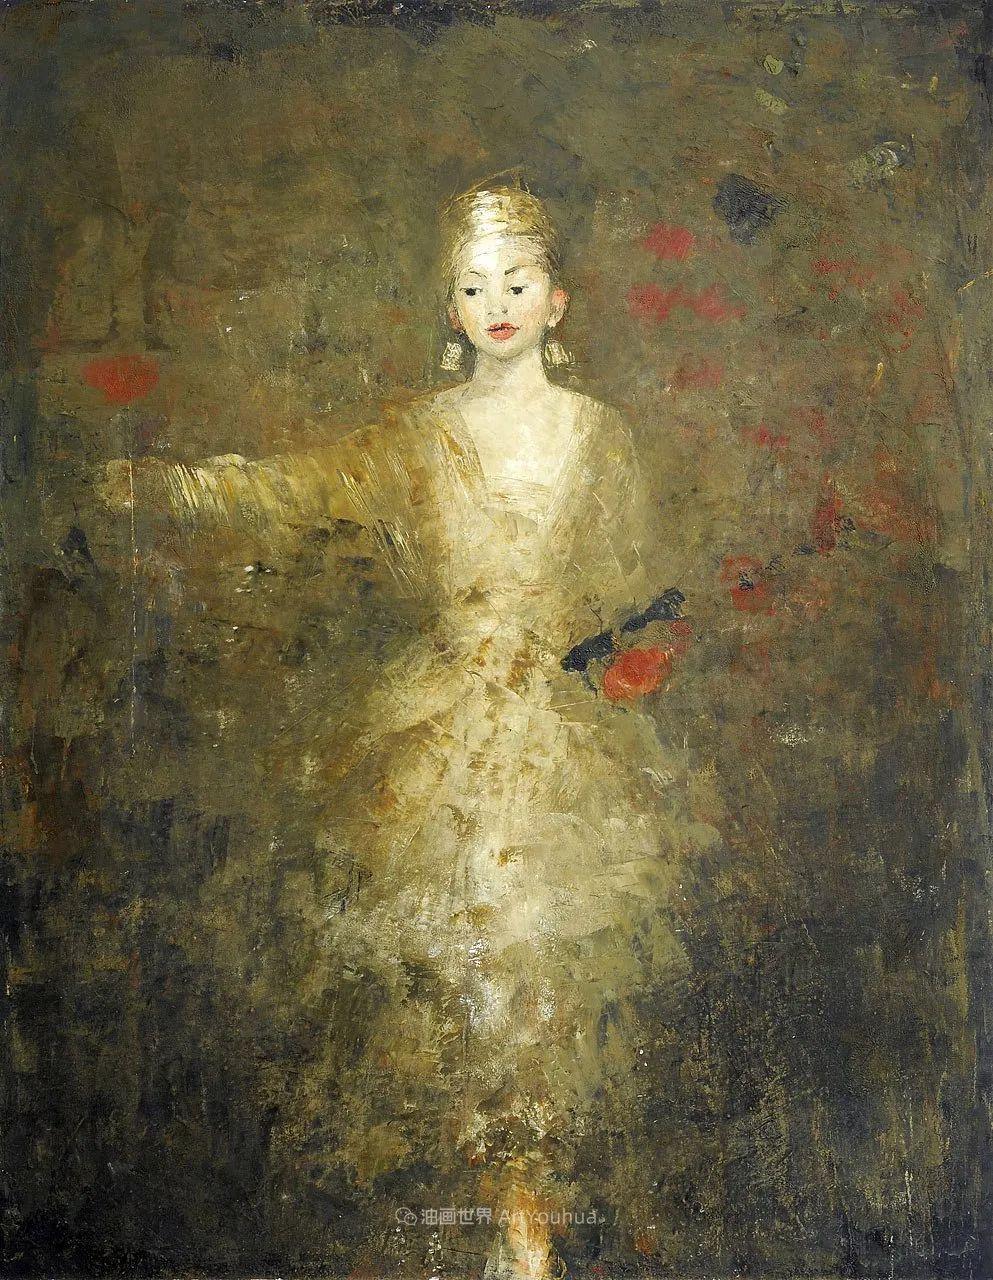 她从古代壁画中汲取灵感,但作品有一种非常现代、神秘的感觉!插图11